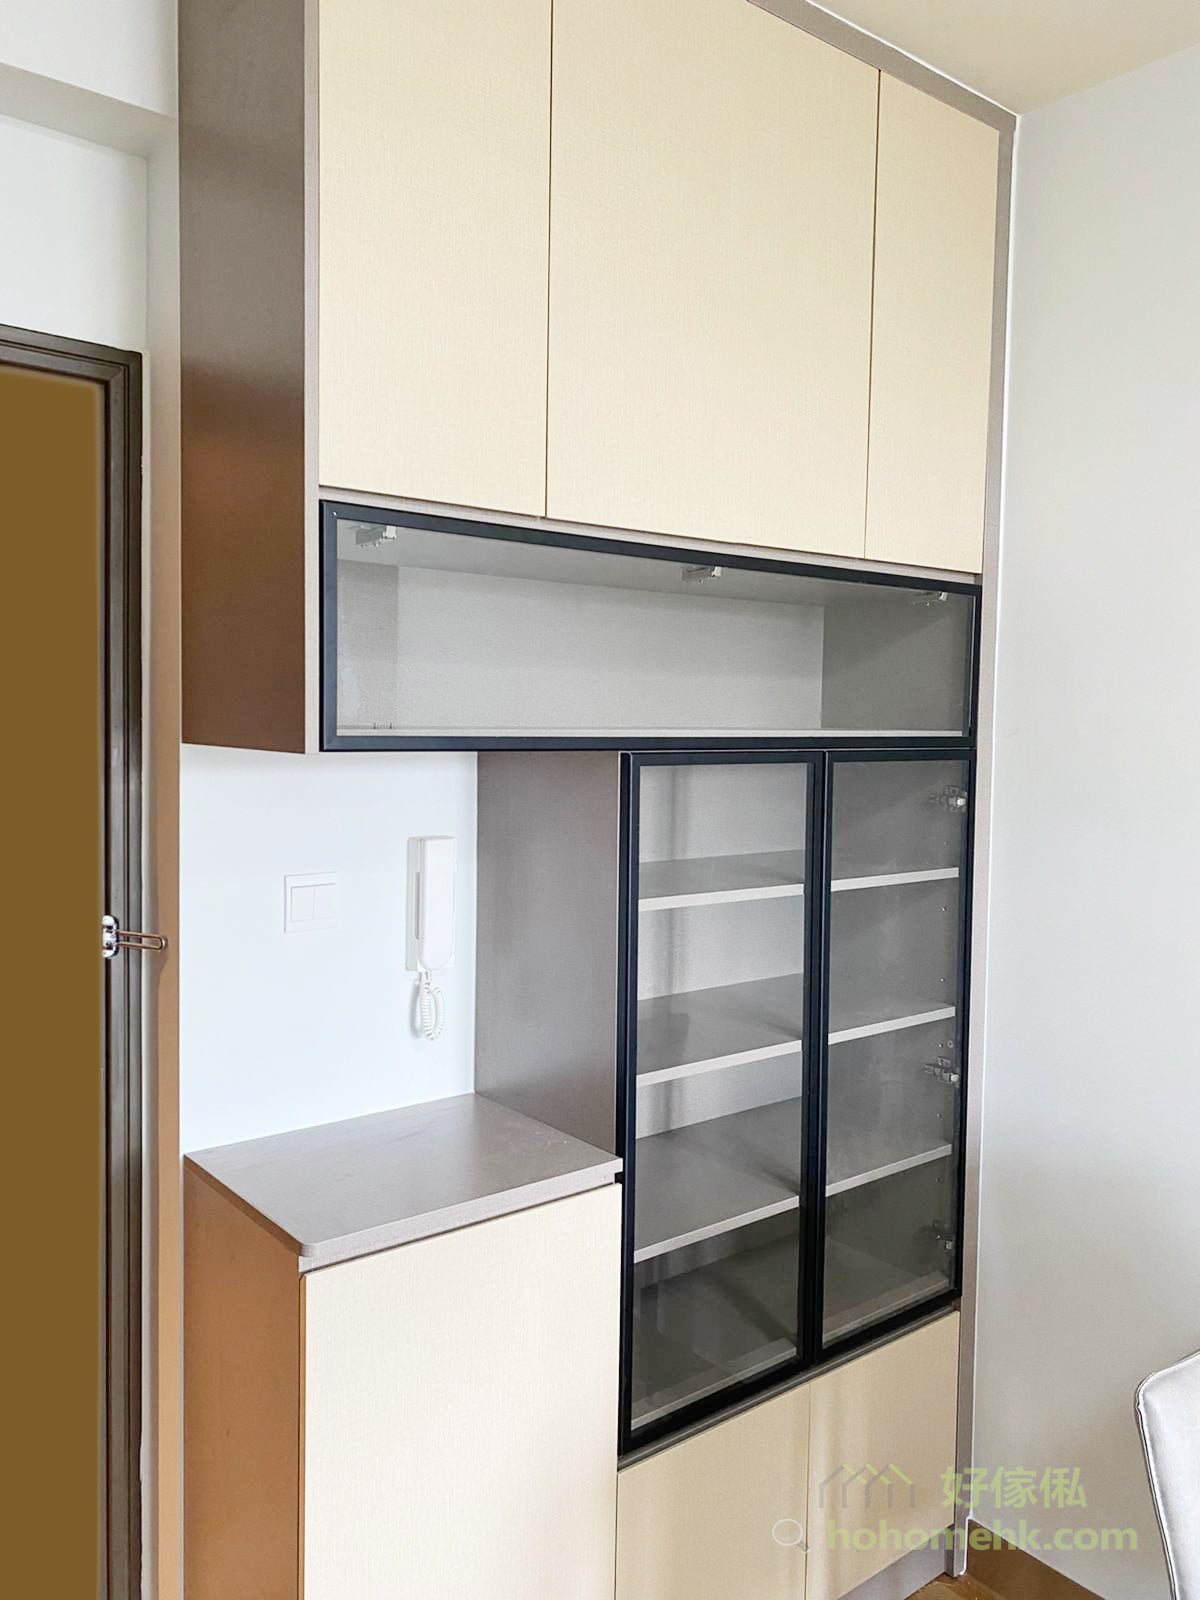 玄關是進入家中第一個見到的地方,除了鞋櫃的基本功能,運用展示櫃放置收藏品,彰顯屋主品味、愛好